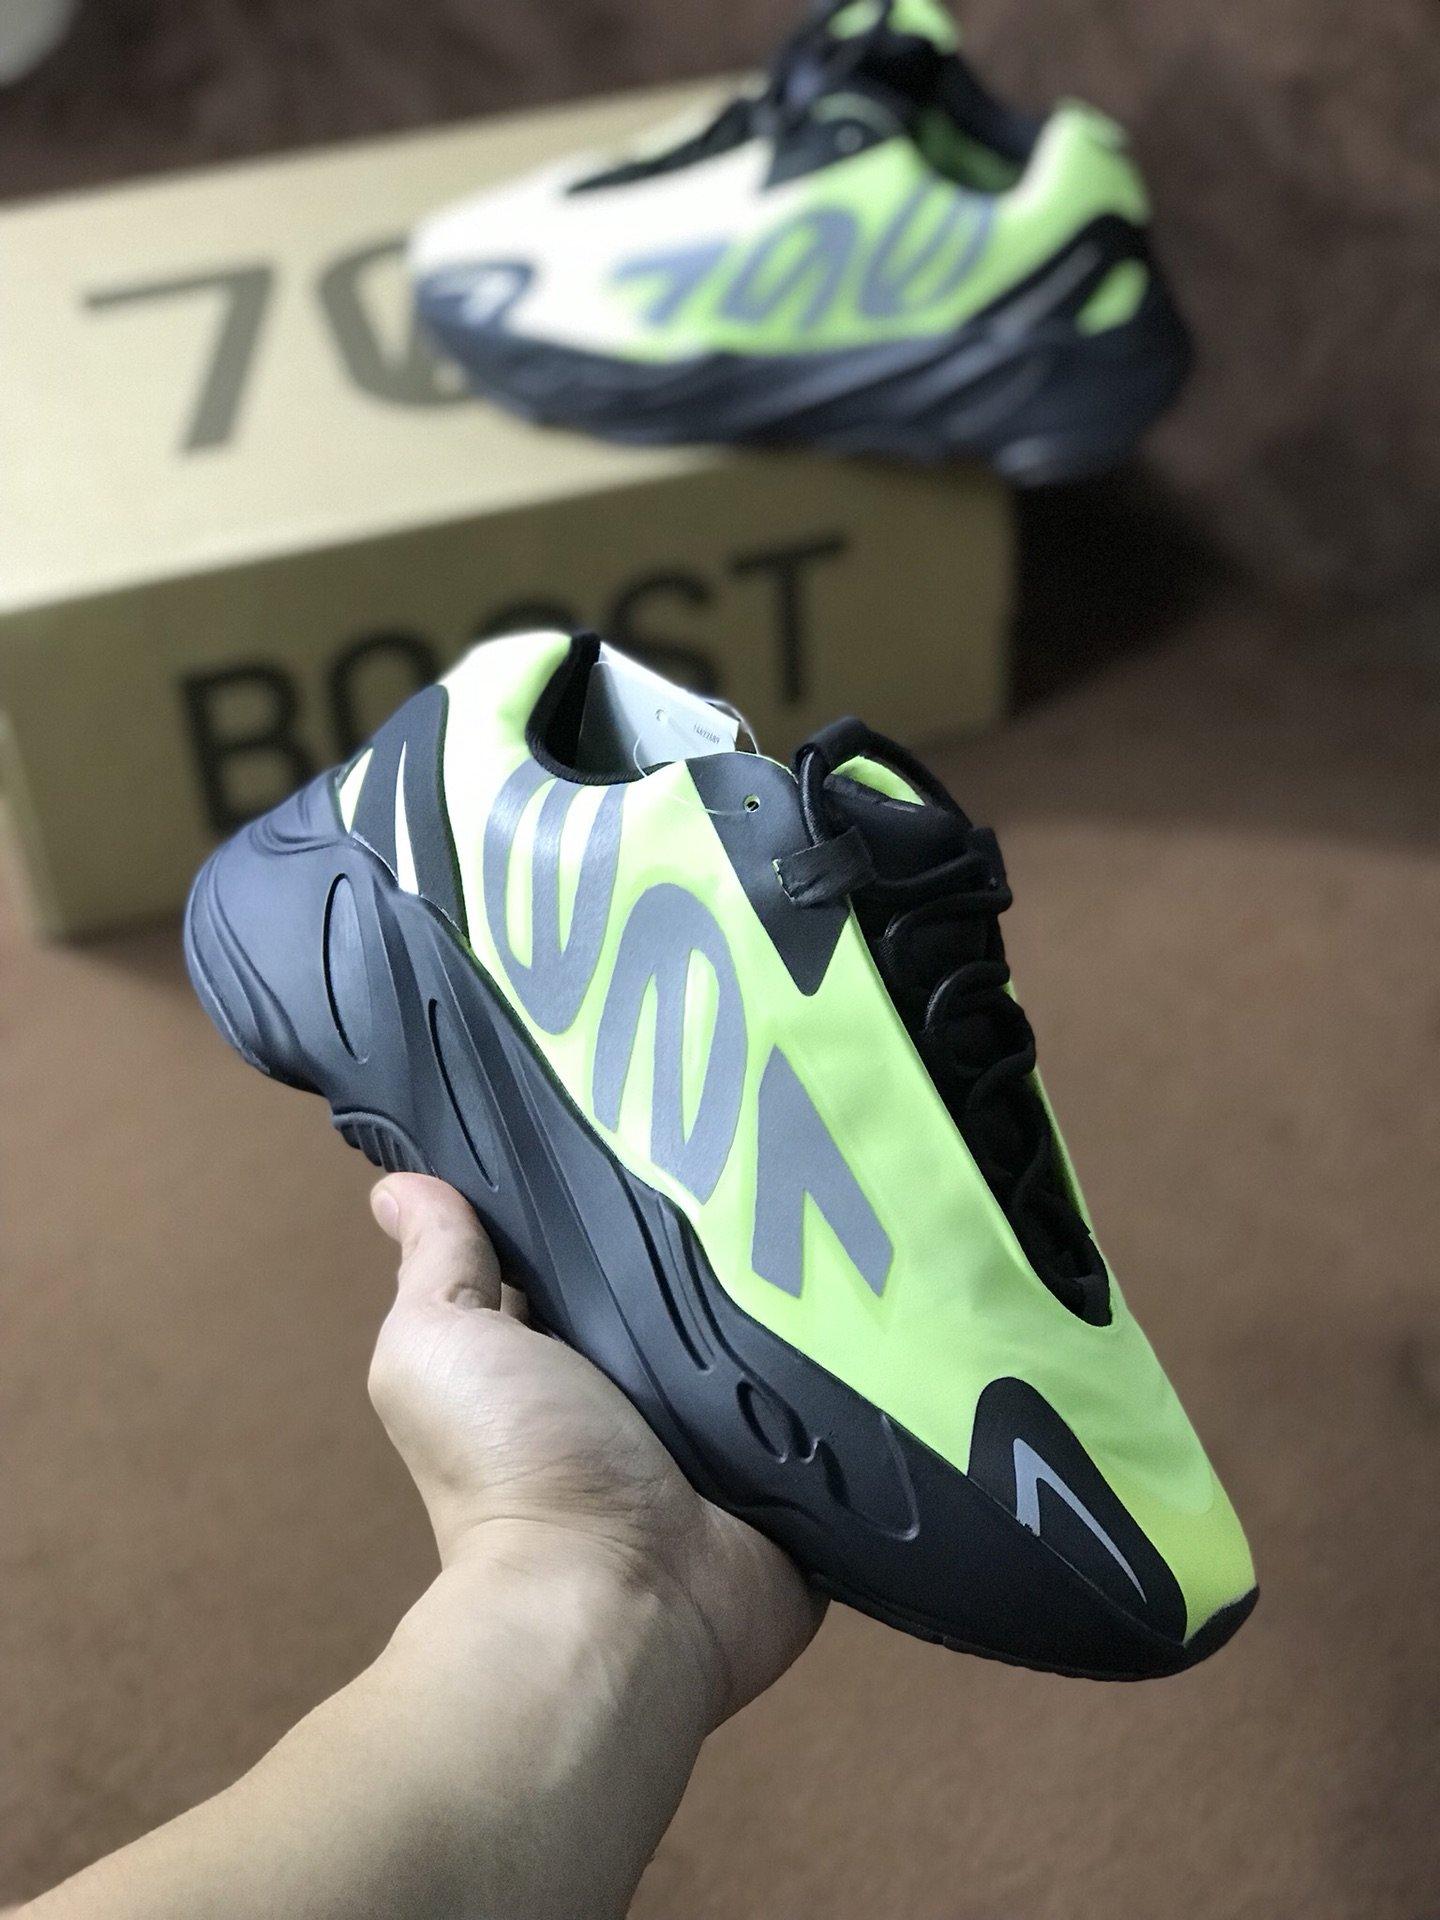 ของแท้ 100% Adidas Yeezy Boost 700V3-2 รองเท้าลำลองรองเท้าผู้หญิงรองเท้าวิ่งรองเท้าบาสเก็ตบอลรองเท้ากีฬา